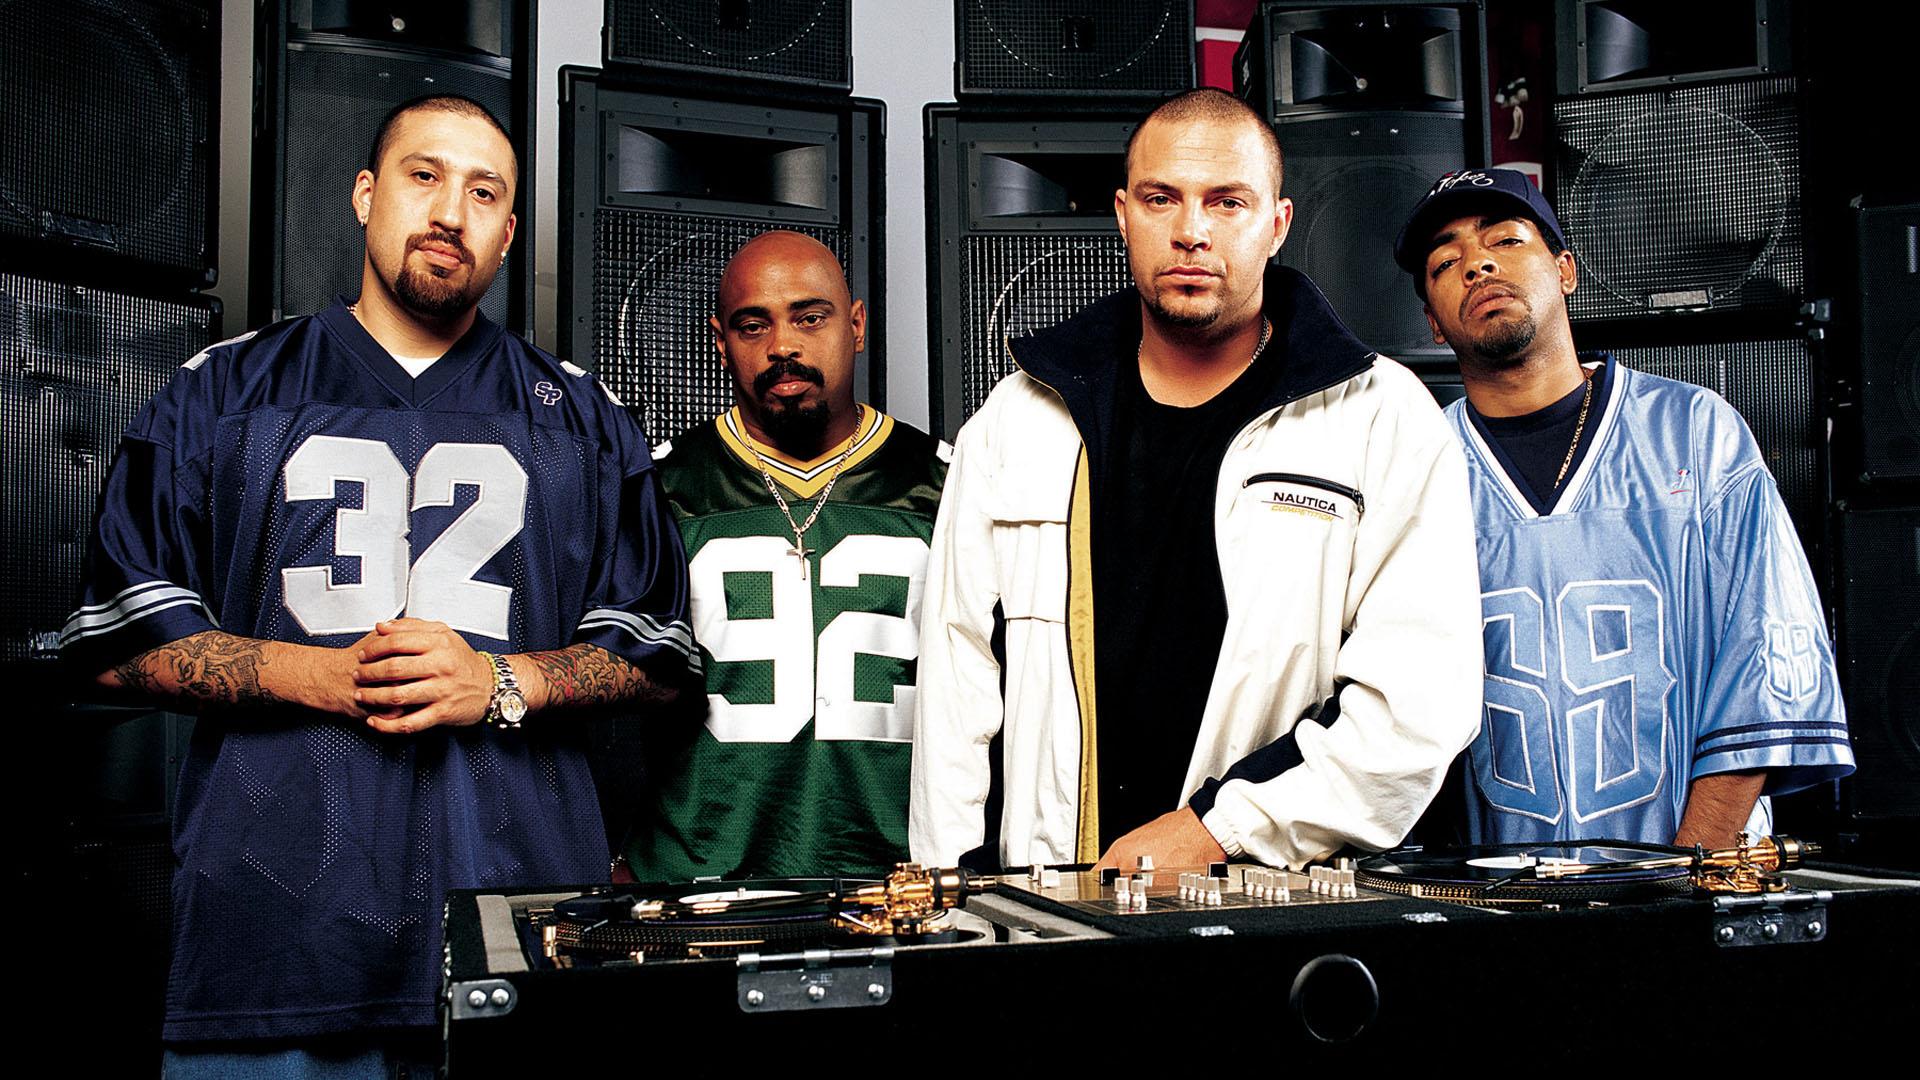 Cypress Hill podría sacar un nuevo álbum en 2018